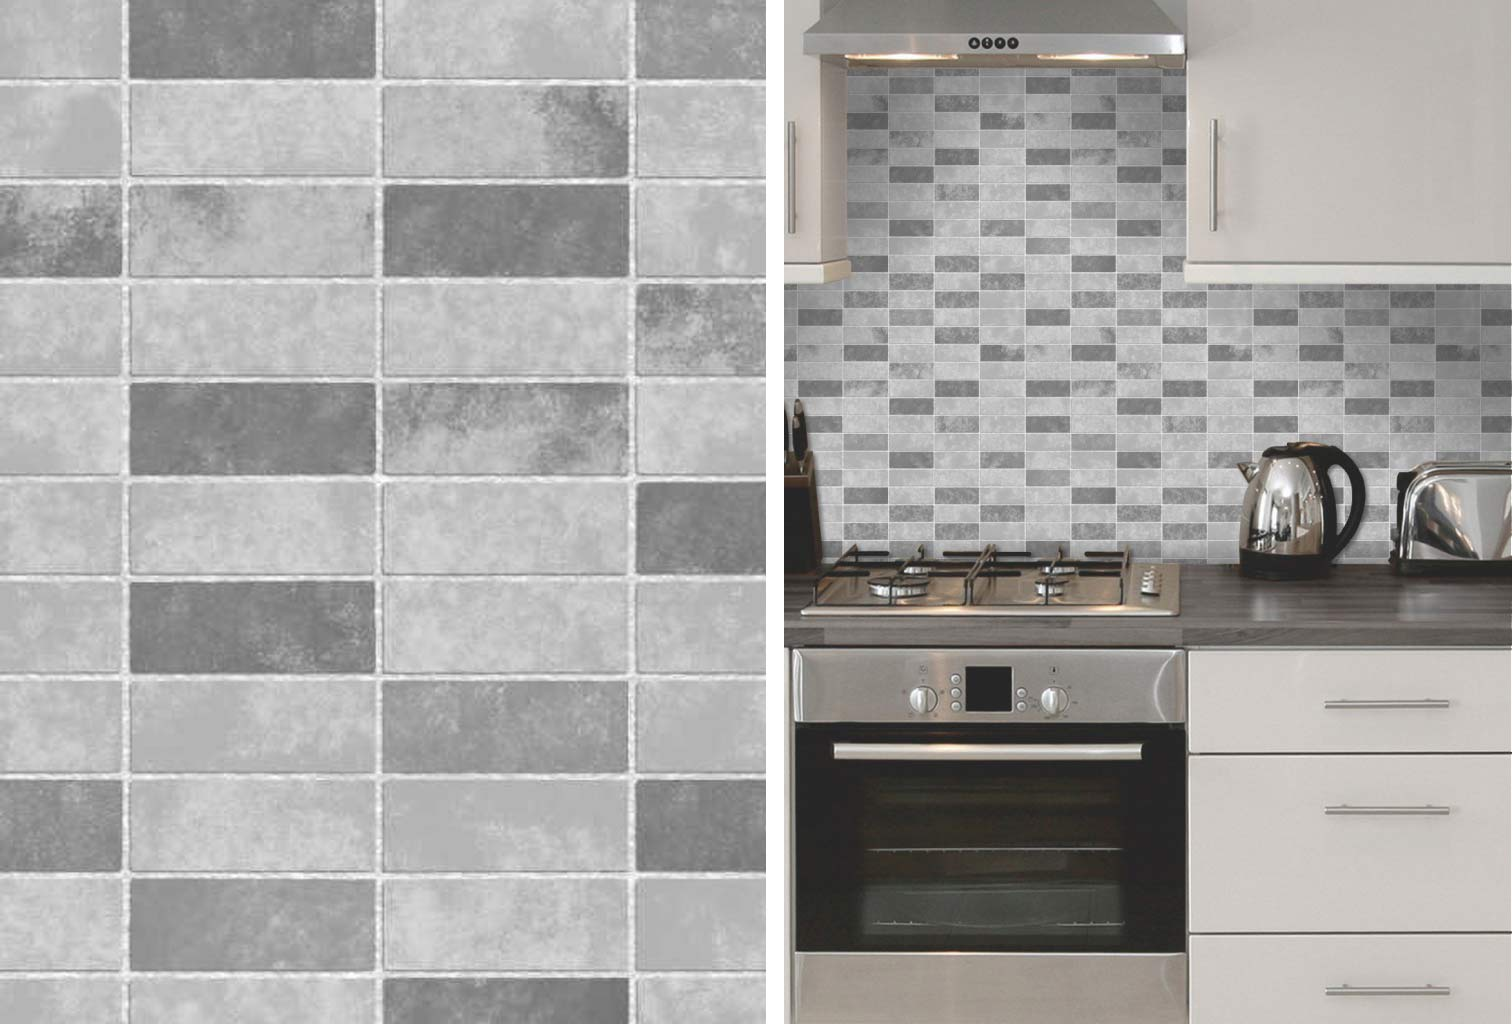 vinyl wallpaper kitchen backsplash remodeling silver spring md grey stone tile effect expanded bathroom